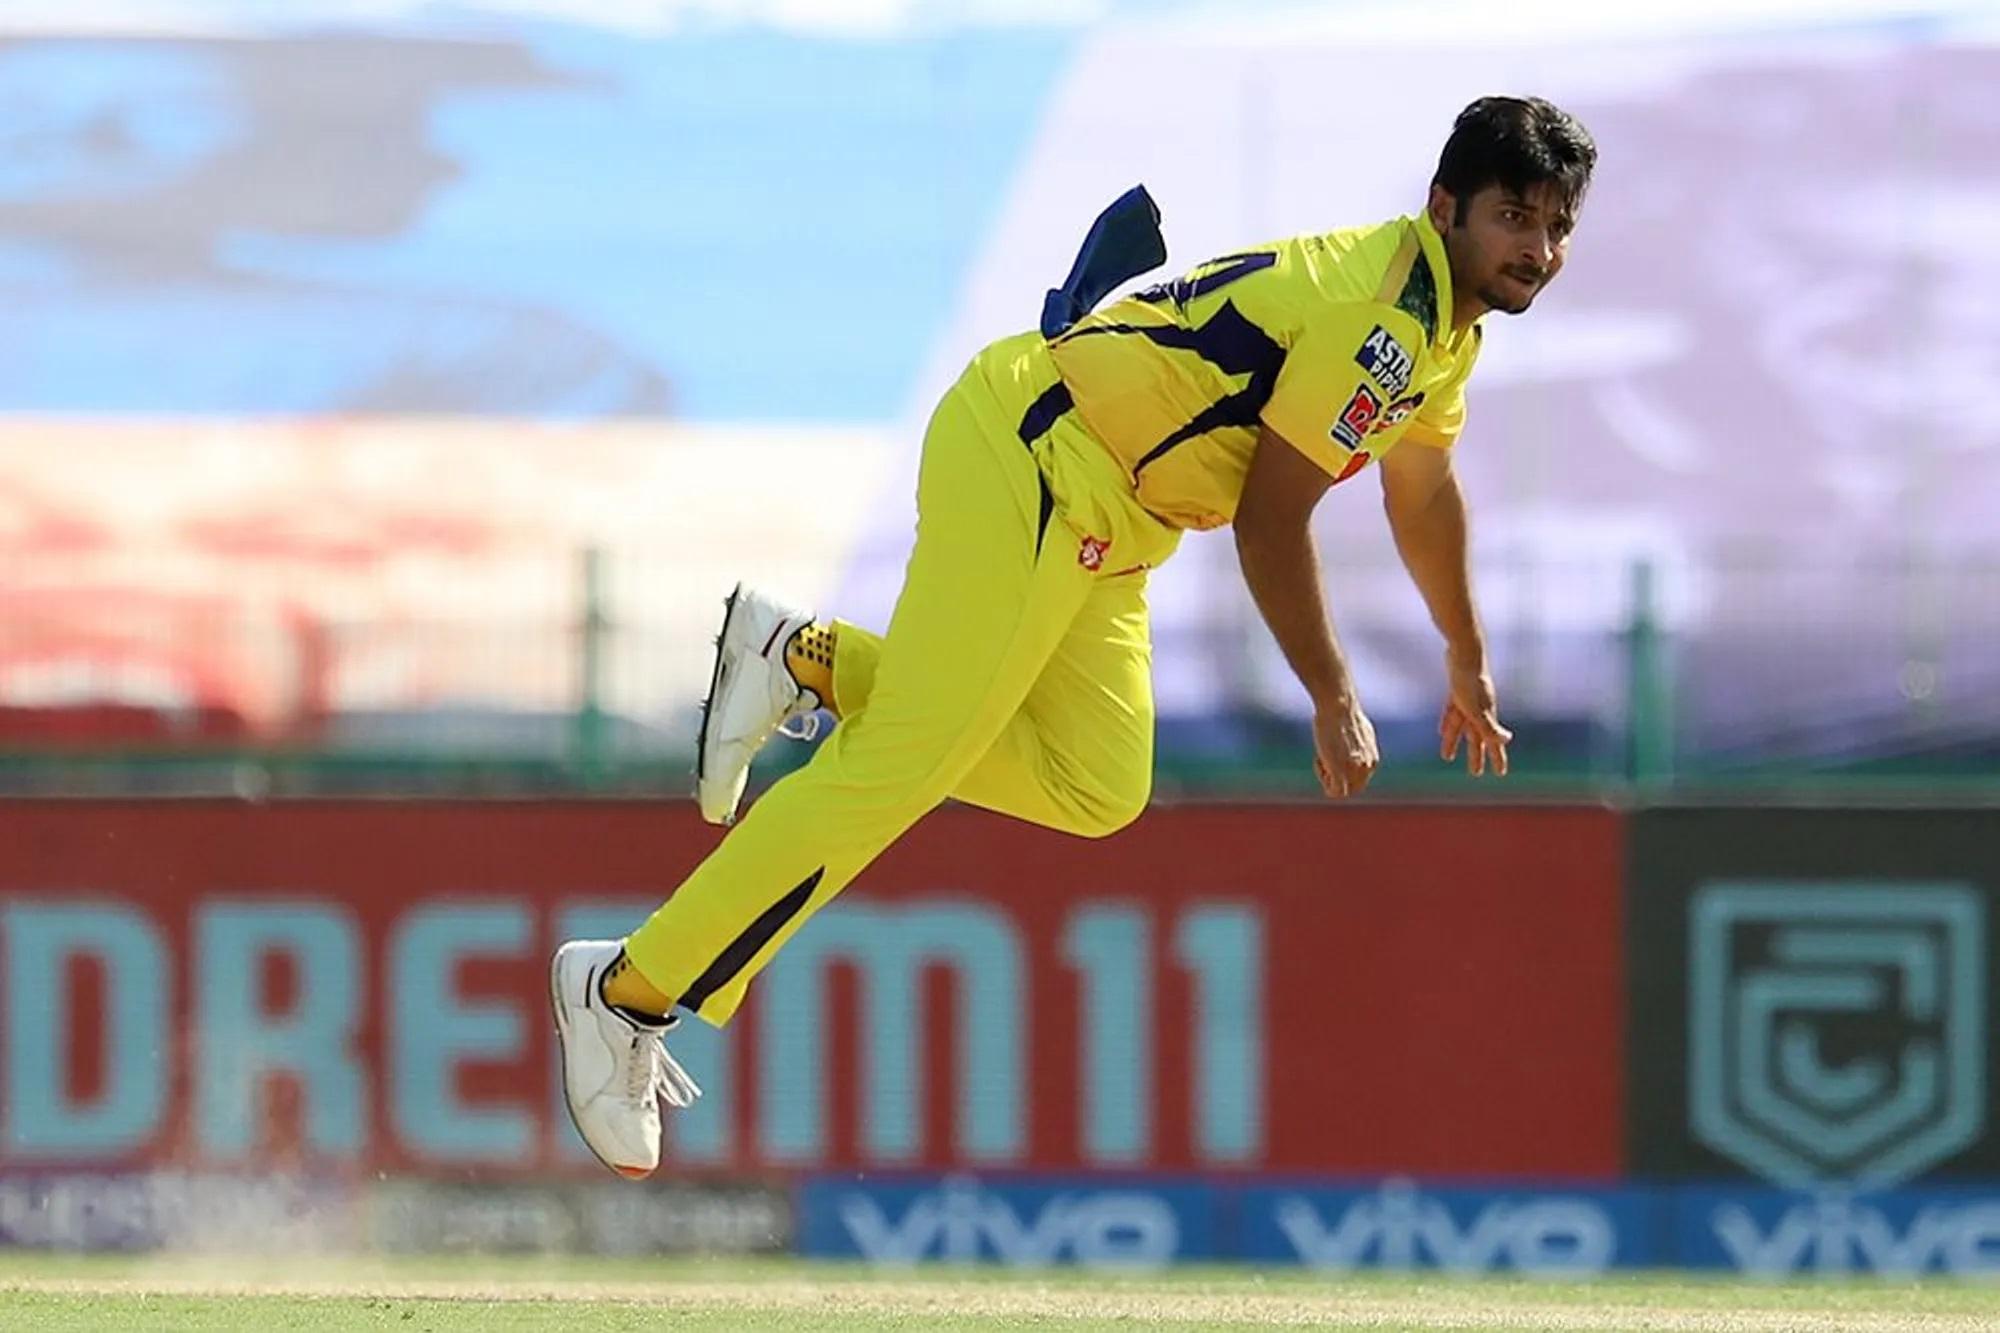 फेज-2 के इस मैच में कोलकाता ने पहले खेलते हुए 171 रन बनाए। हालांकि इसमें चेन्नई के शार्दुल ठाकुर का एक मेडन ओवर भी शामिल है, जो फेज 2 का पहला मेडन ओवर रहा। शार्दुल ने 6 गेंदें फेंकी और एक भी रन नहीं दिया। बल्कि इसी ओवर में उन्होंने आंद्रे रसेल को बोल्ड भी किया।